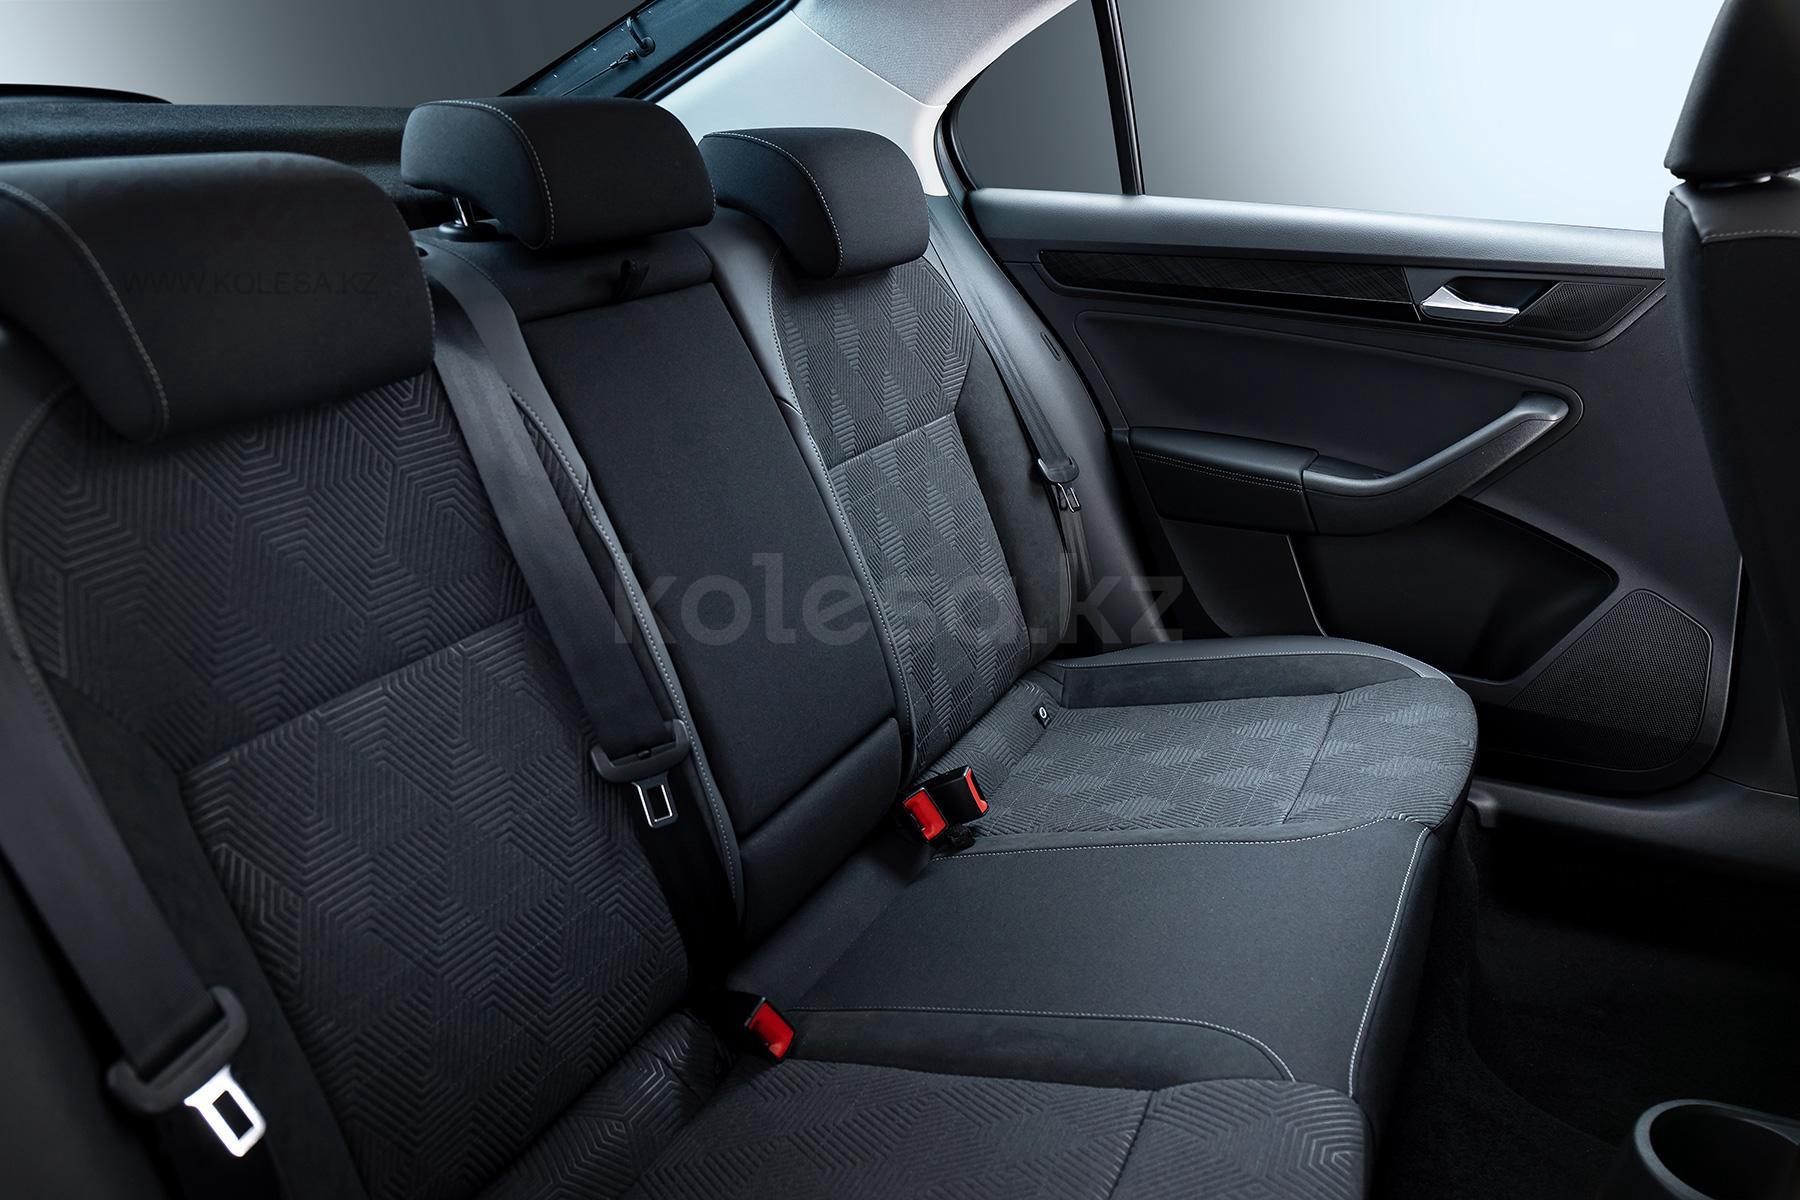 Volkswagen Polo B класса 2020-2021 года от 7 090 000 тенге